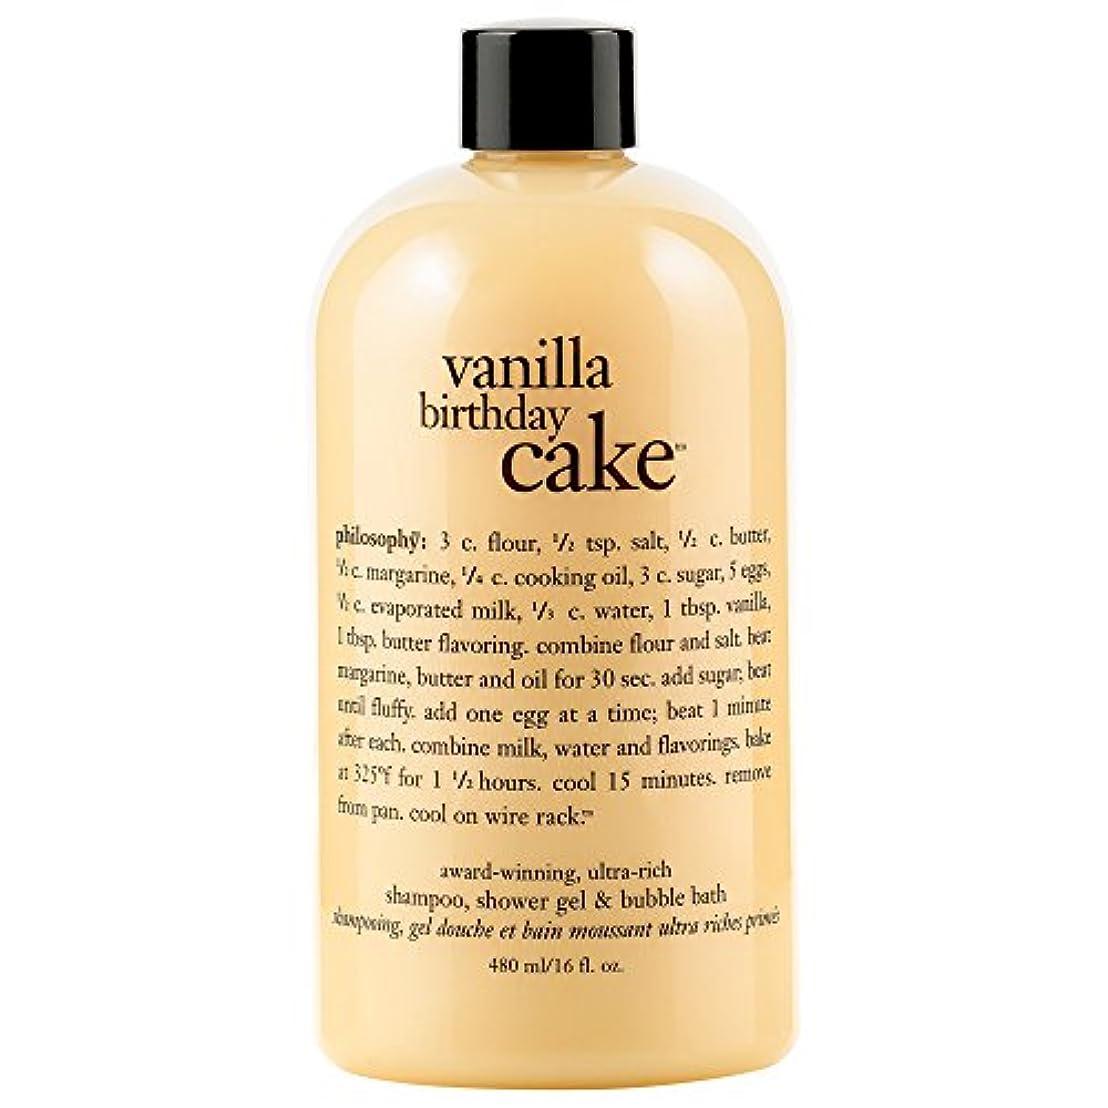 怠惰消費に話す哲学バニラバースデーケーキシャンプー/シャワージェル/バブルバス480ミリリットル (Philosophy) (x6) - Philosophy Vanilla Birthday Cake Shampoo/Shower...